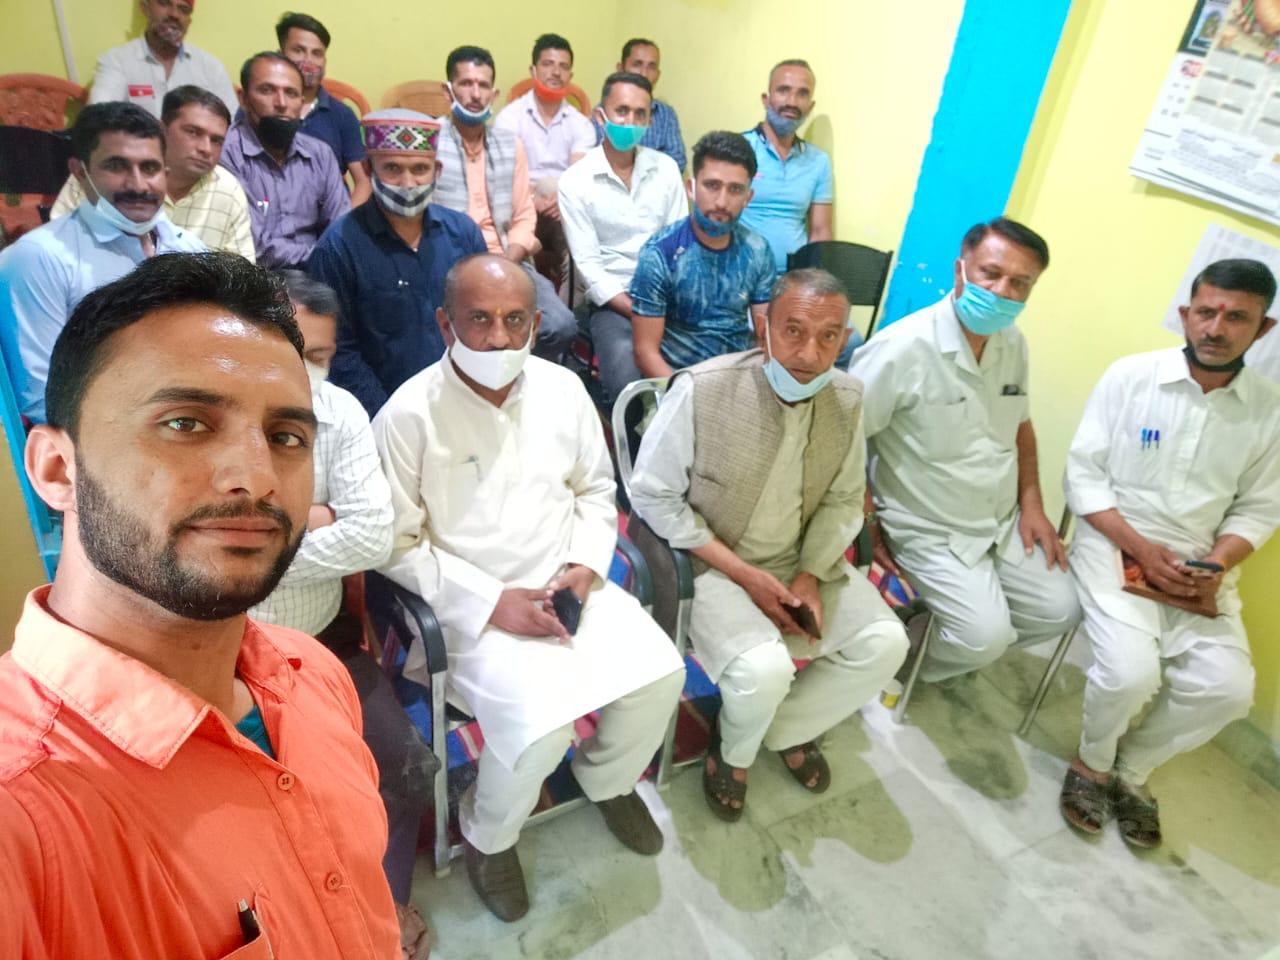 भाजपा ने जन संघ संस्थापक डॉ मुखर्जी को अर्पित किए श्रद्धासुमन